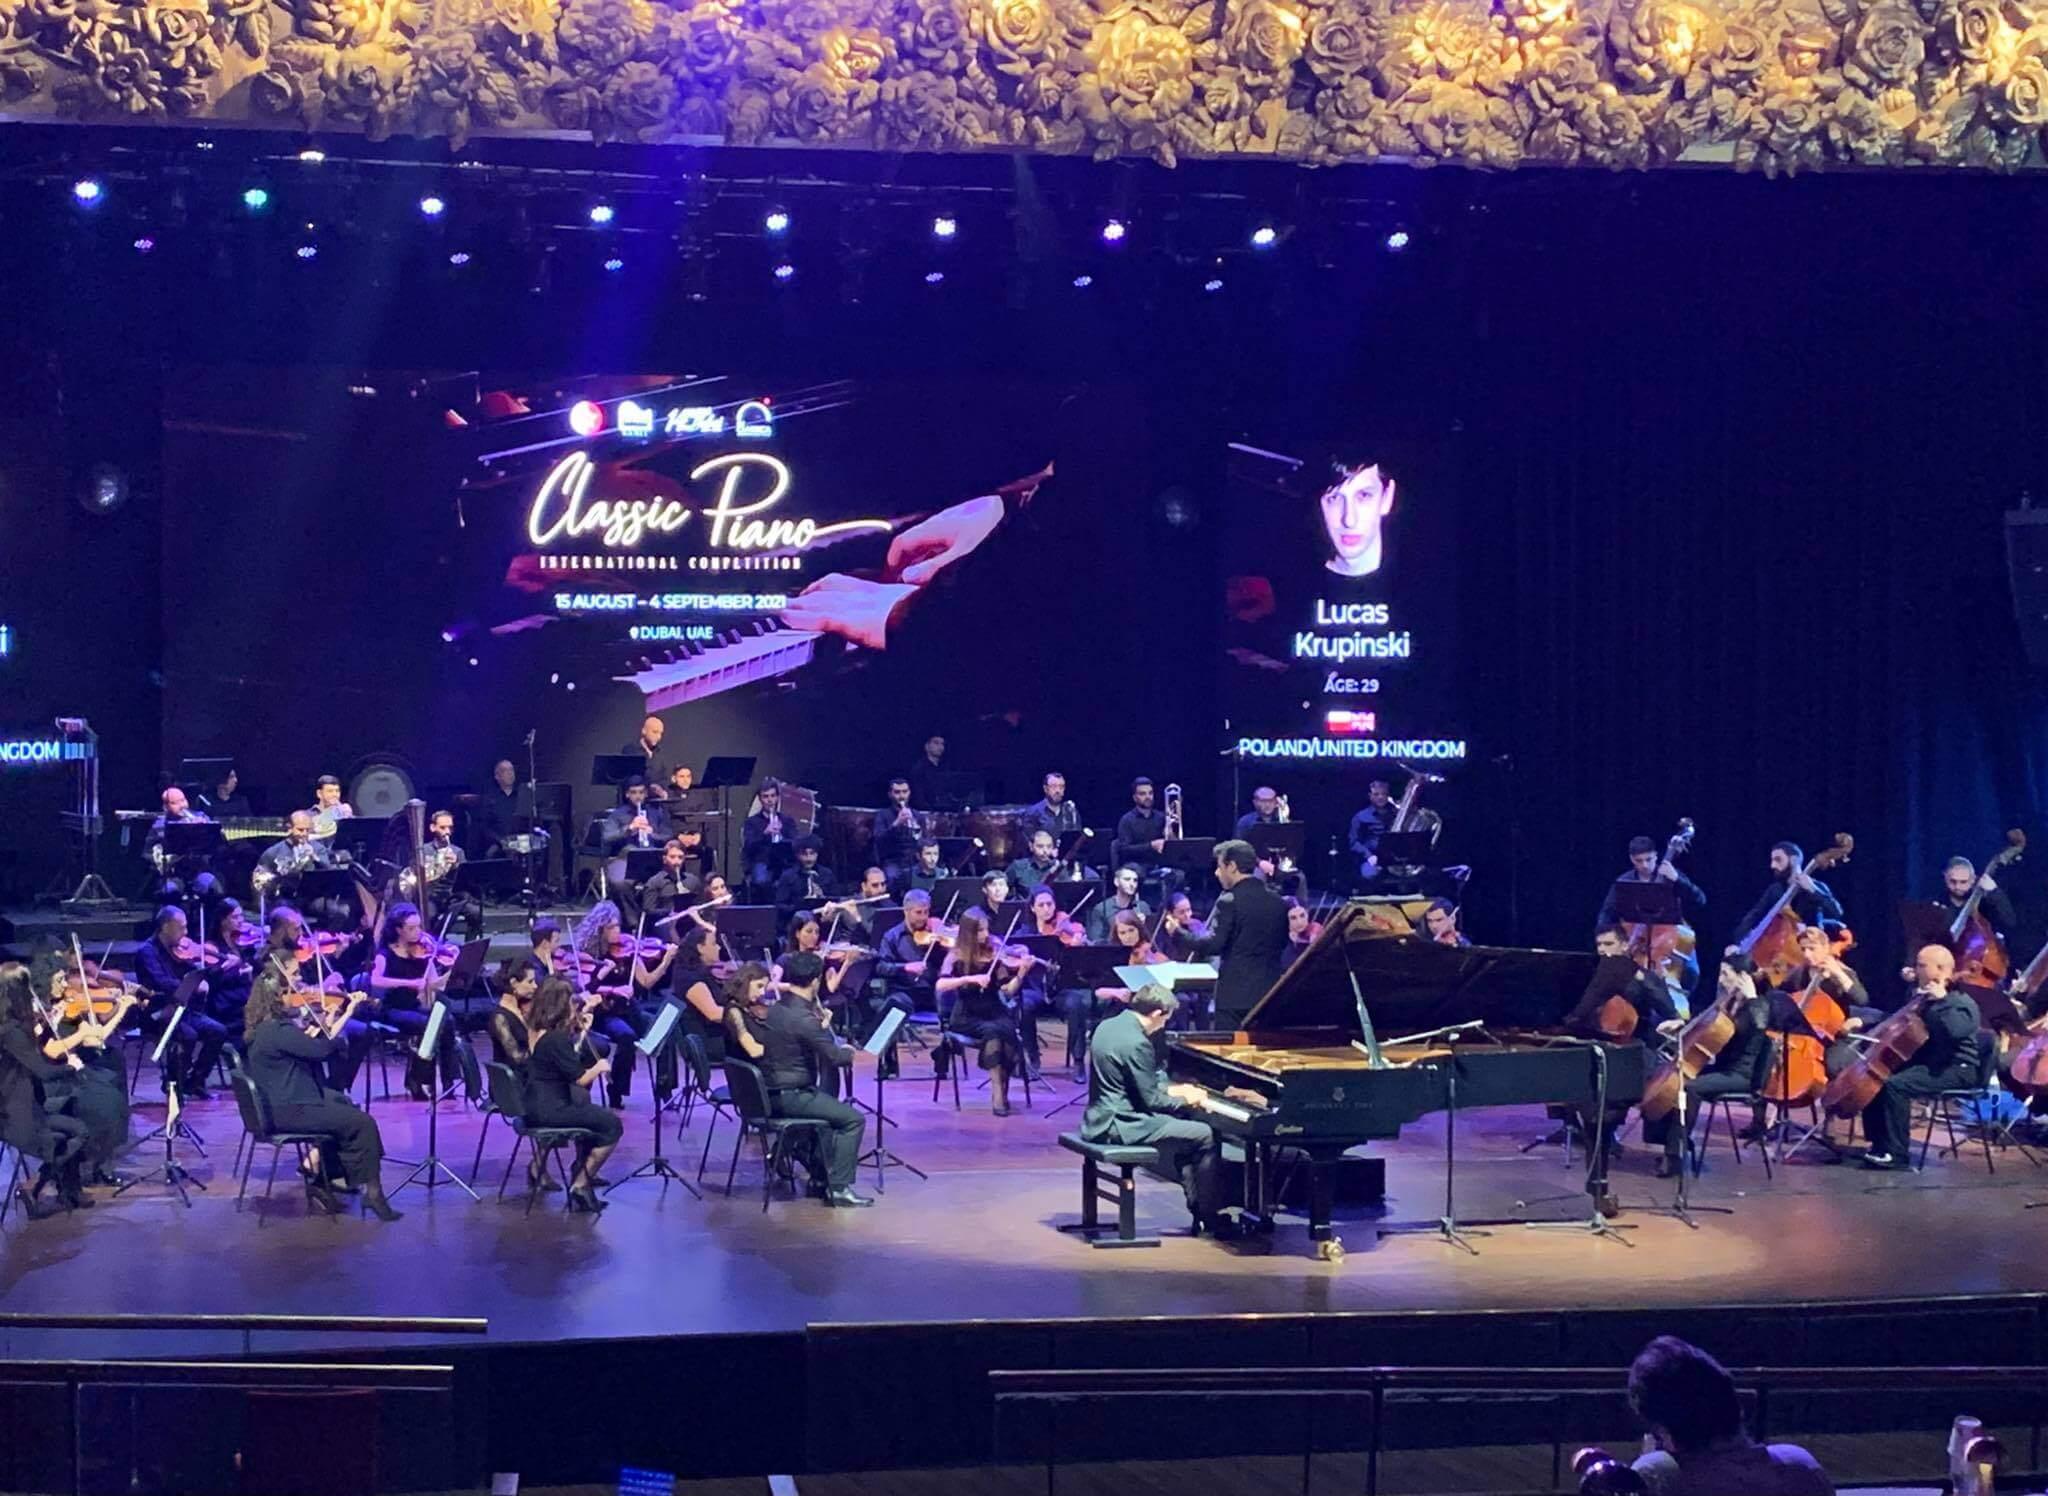 Photo of Пианисты конкурса Classic Piano выступают с Государственным симфоническим оркестром Армении